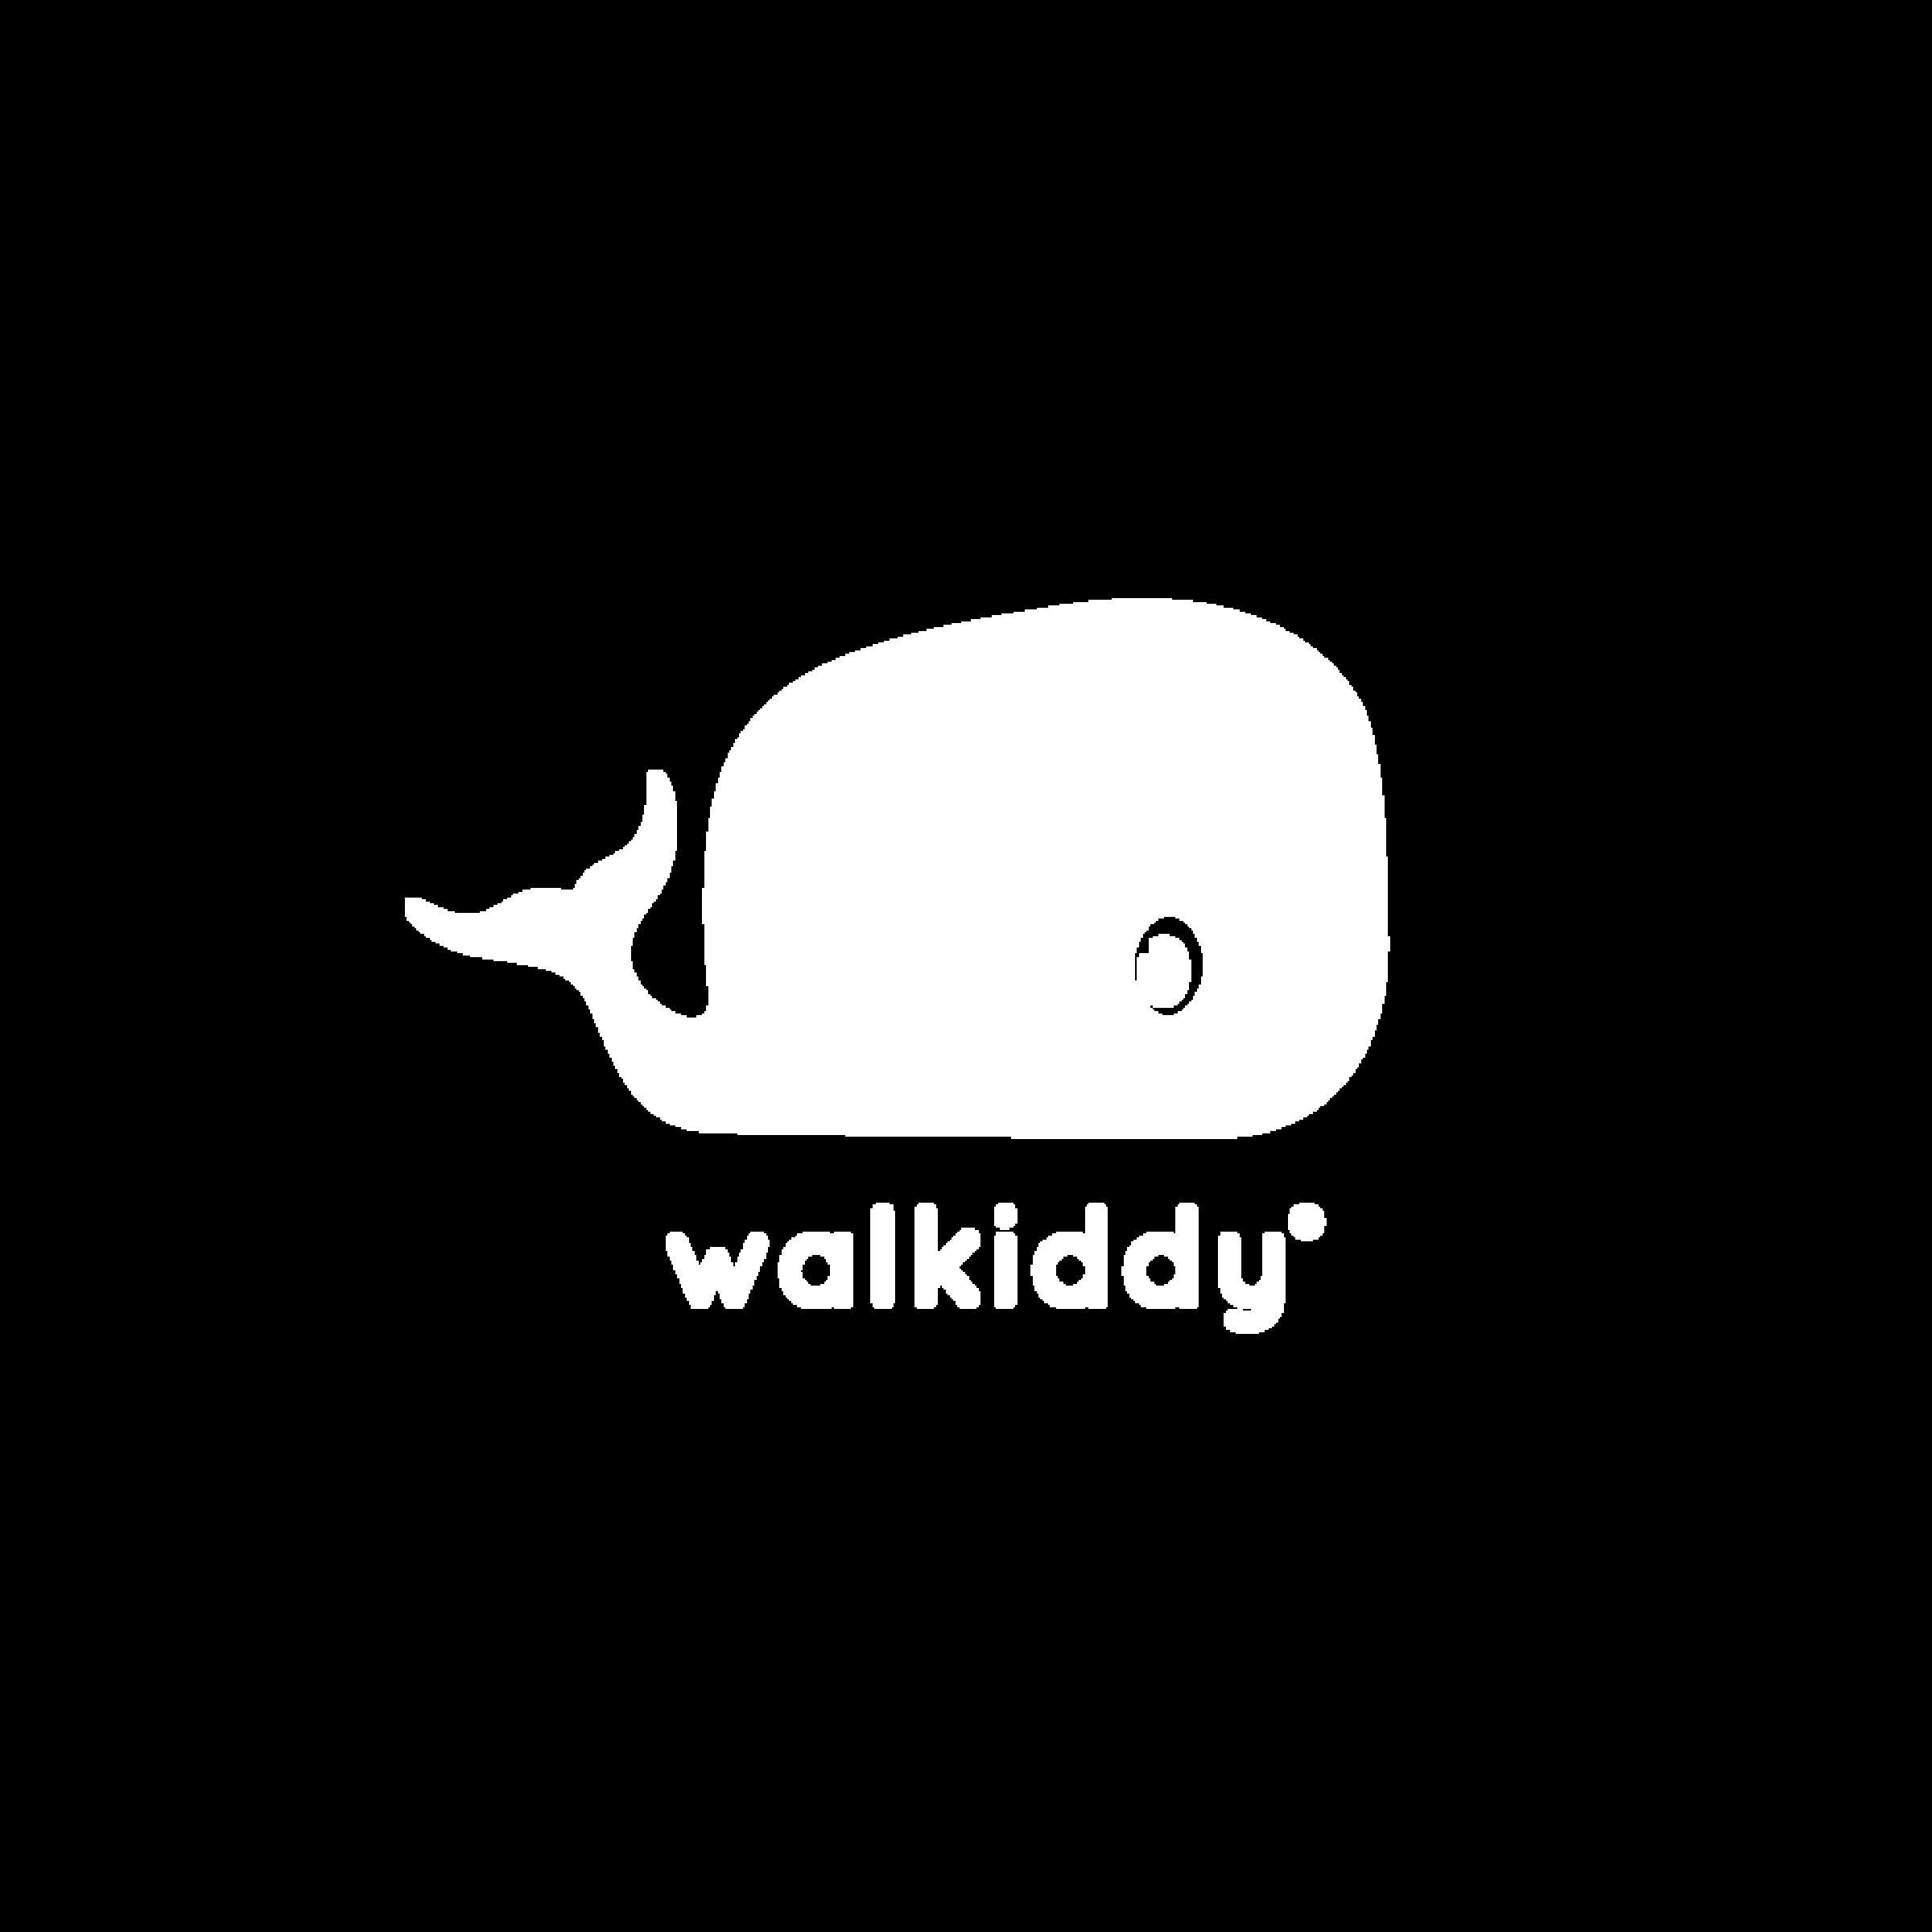 Walkiddy Logo